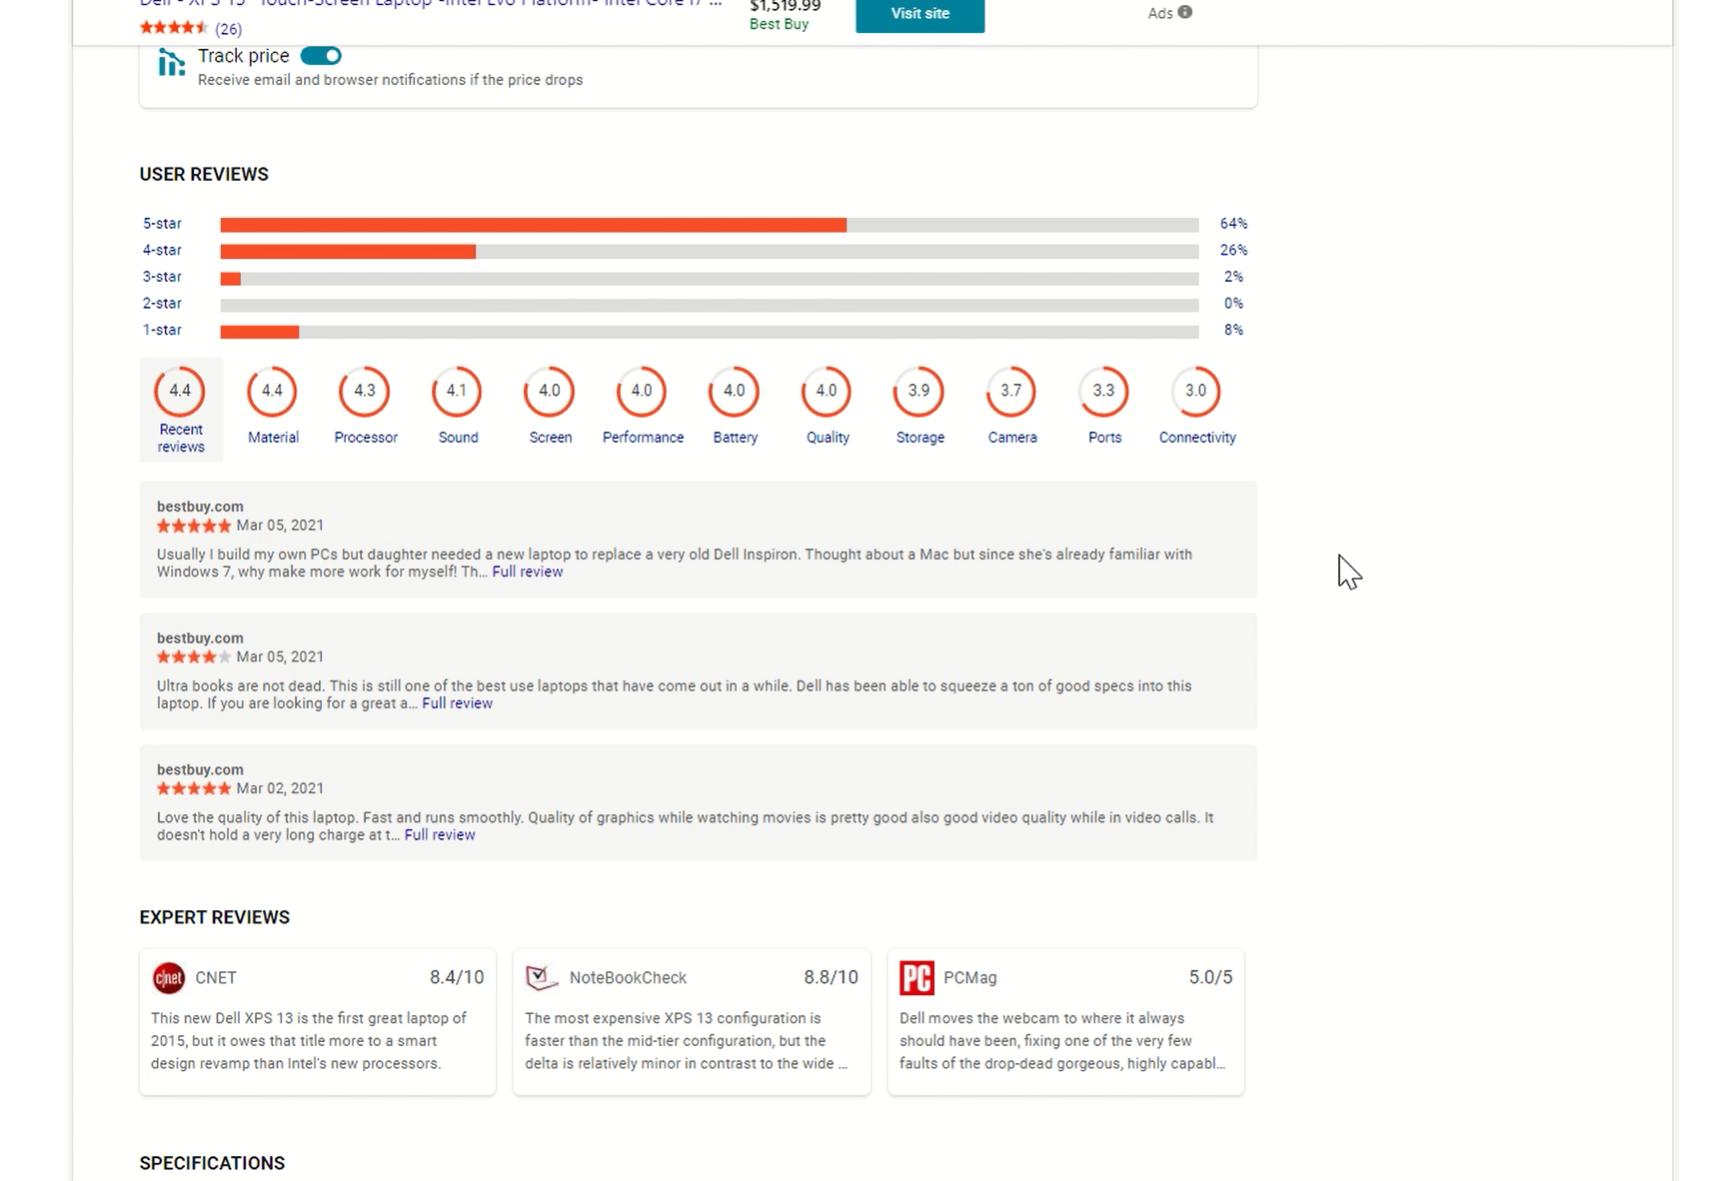 Avis d'experts Bing: Historique des prix